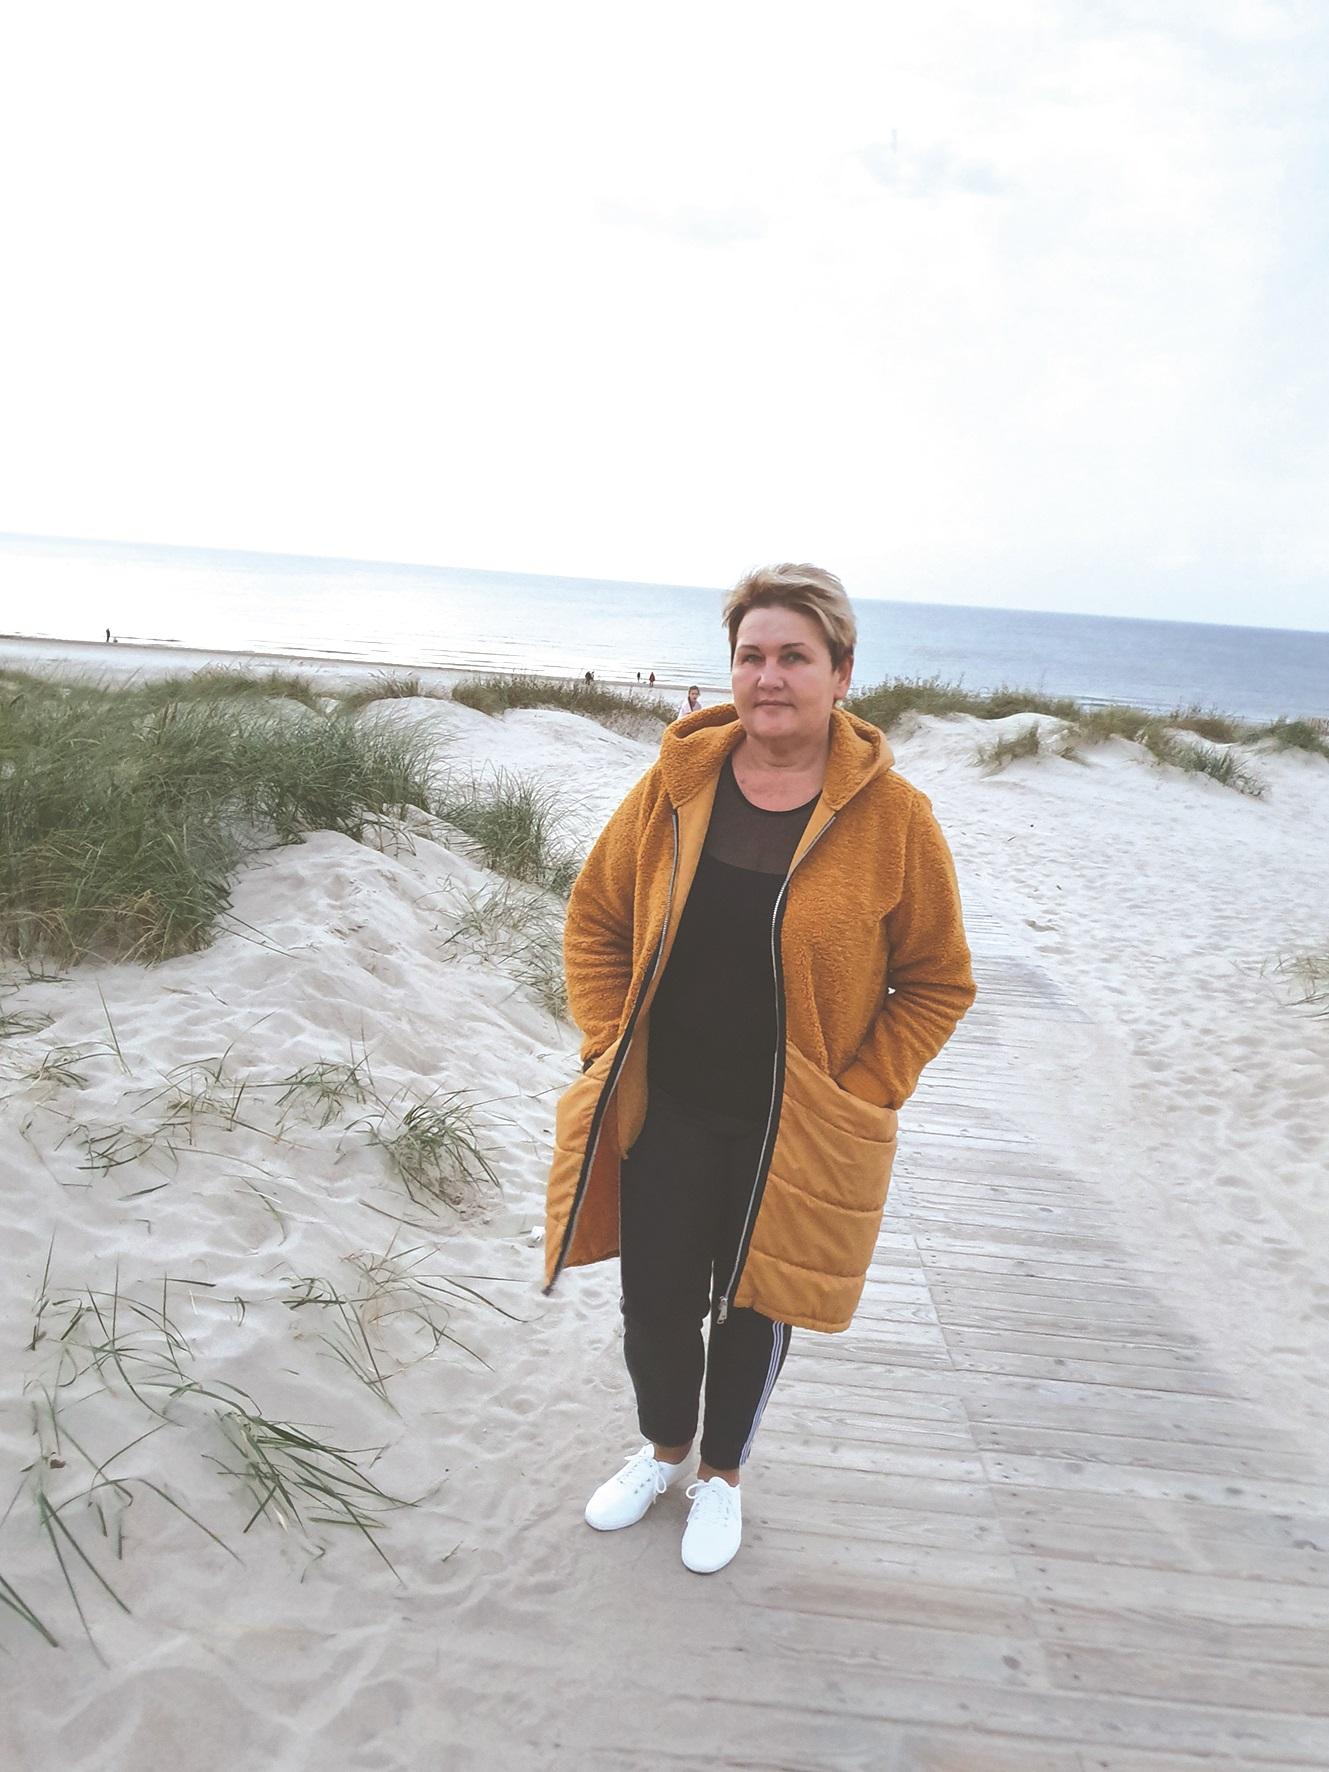 D. Stonkienė pripažįsta, jog laisvalaikiu lekia ne tik prie jūros – yra aplankiusi daugybę kitų Lietuvos vietų.